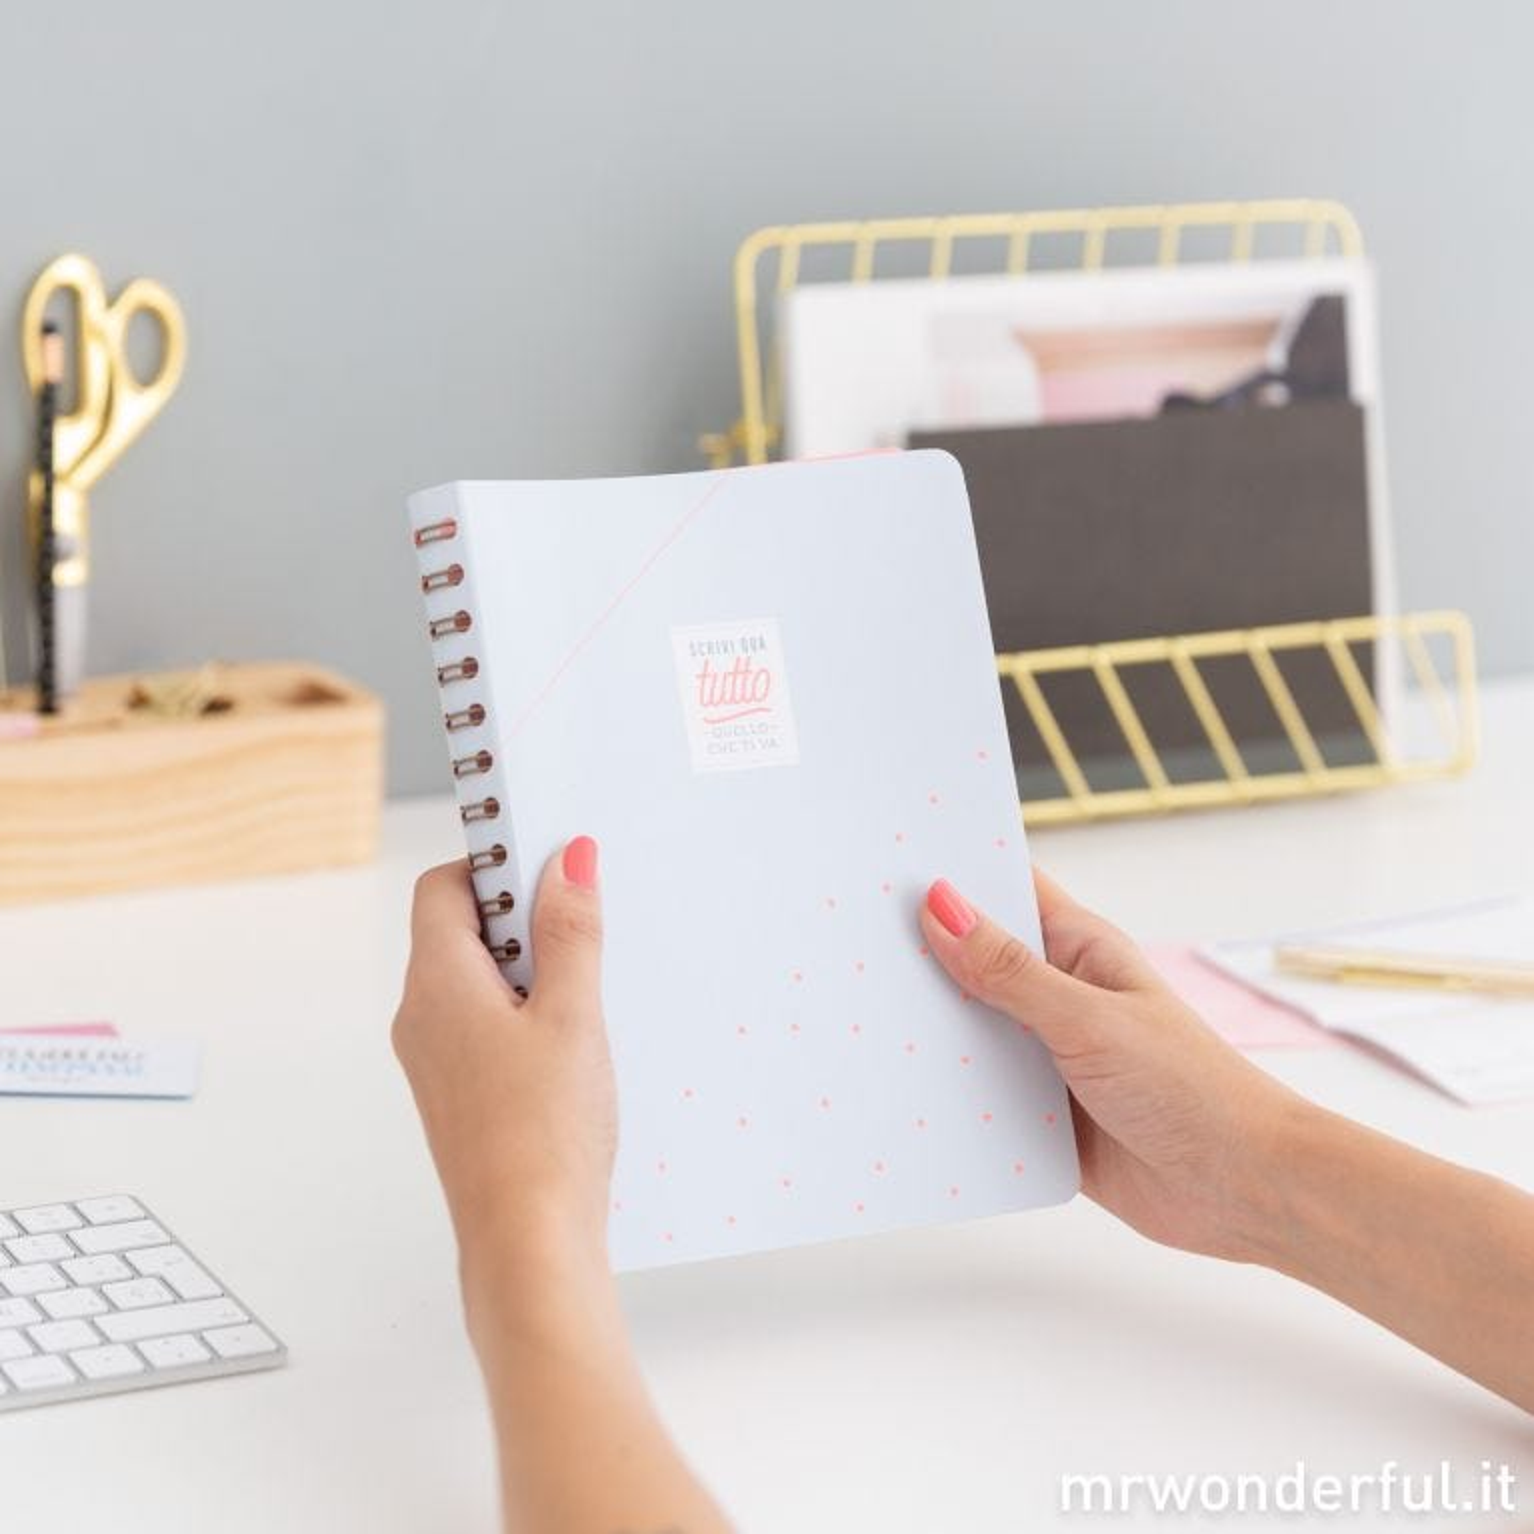 Quaderno con extra - Scrivi qua tutto quello che t i va